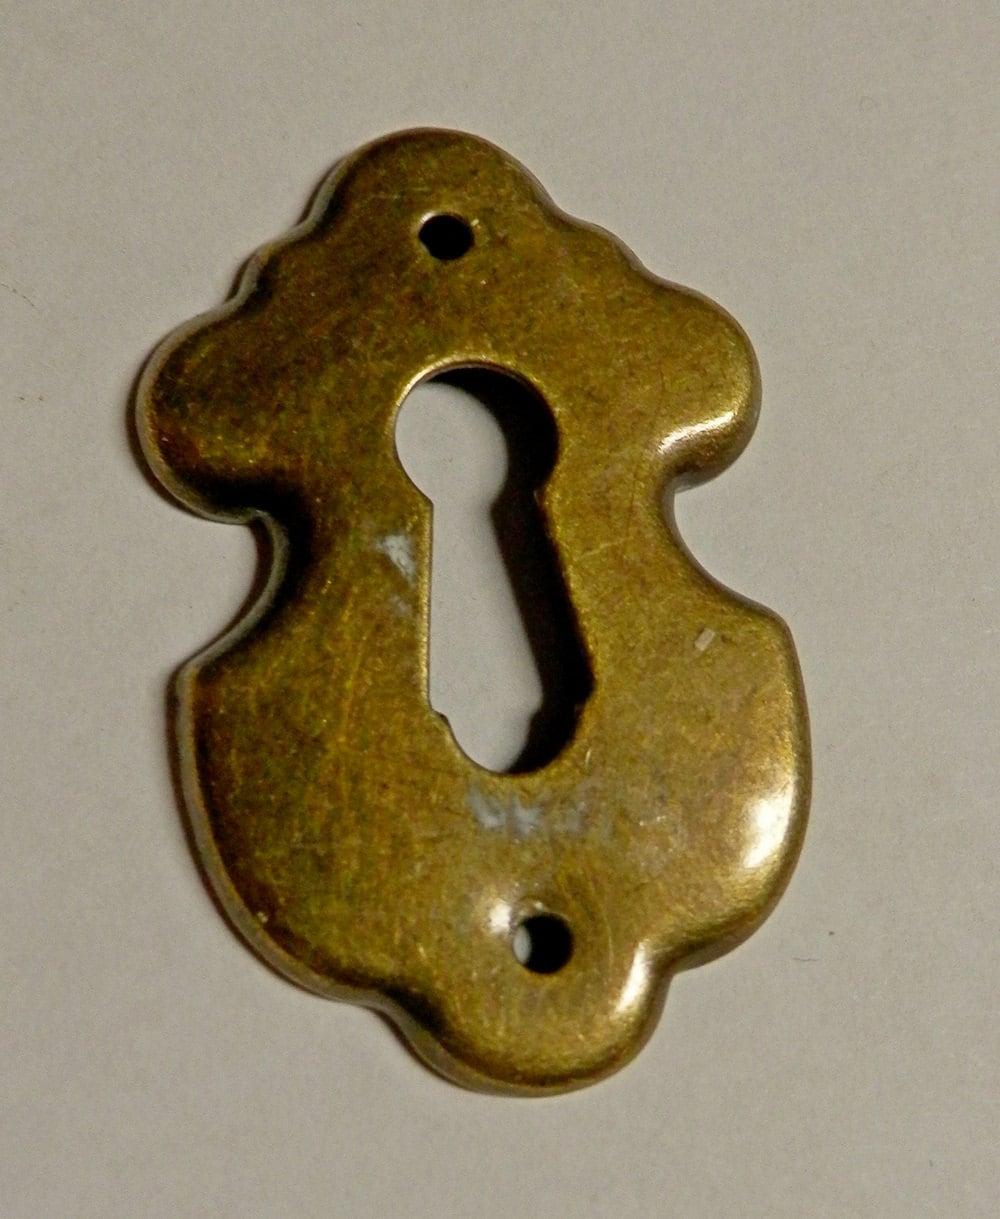 3 antique brass key hole covers escutcheons vintage - Antique peephole ...